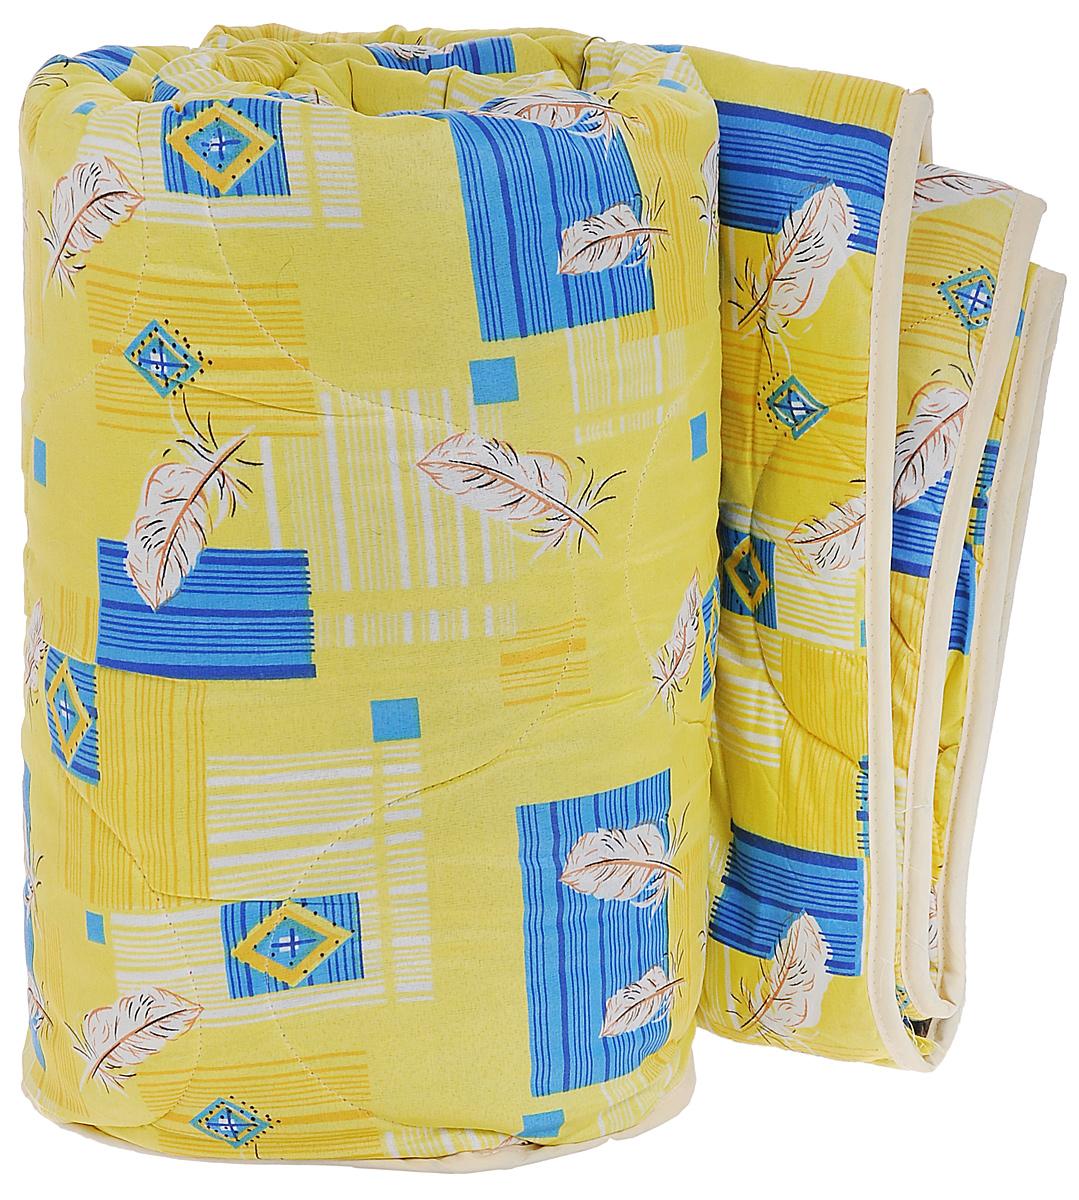 Одеяло всесезонное OL-Tex Miotex, наполнитель: полиэфирное волокно Holfiteks, цвет: желтый, голубой, 200 см х 220 см531-105Всесезонное одеяло OL-Tex Miotex создаст комфорт и уют во время сна. Чехол выполнен из полиэстера и оформлен красочным рисунком. Внутри - современный наполнитель из полиэфирного высокосиликонизированного волокна Holfiteks, упругий и качественный. Прекрасно держит тепло. Одеяло с наполнителем Holfiteks легкое и комфортное. Даже после многократных стирок не теряет свою форму, наполнитель не сбивается, так как одеяло простегано и окантовано. Не вызывает аллергии. Holfiteks - это возможность легко ухаживать за своими постельными принадлежностями. Можно стирать в машинке, изделия быстро и полностью высыхают - это обеспечивает гигиену спального места при невысокой цене на продукцию.Плотность: 300 г/м2.